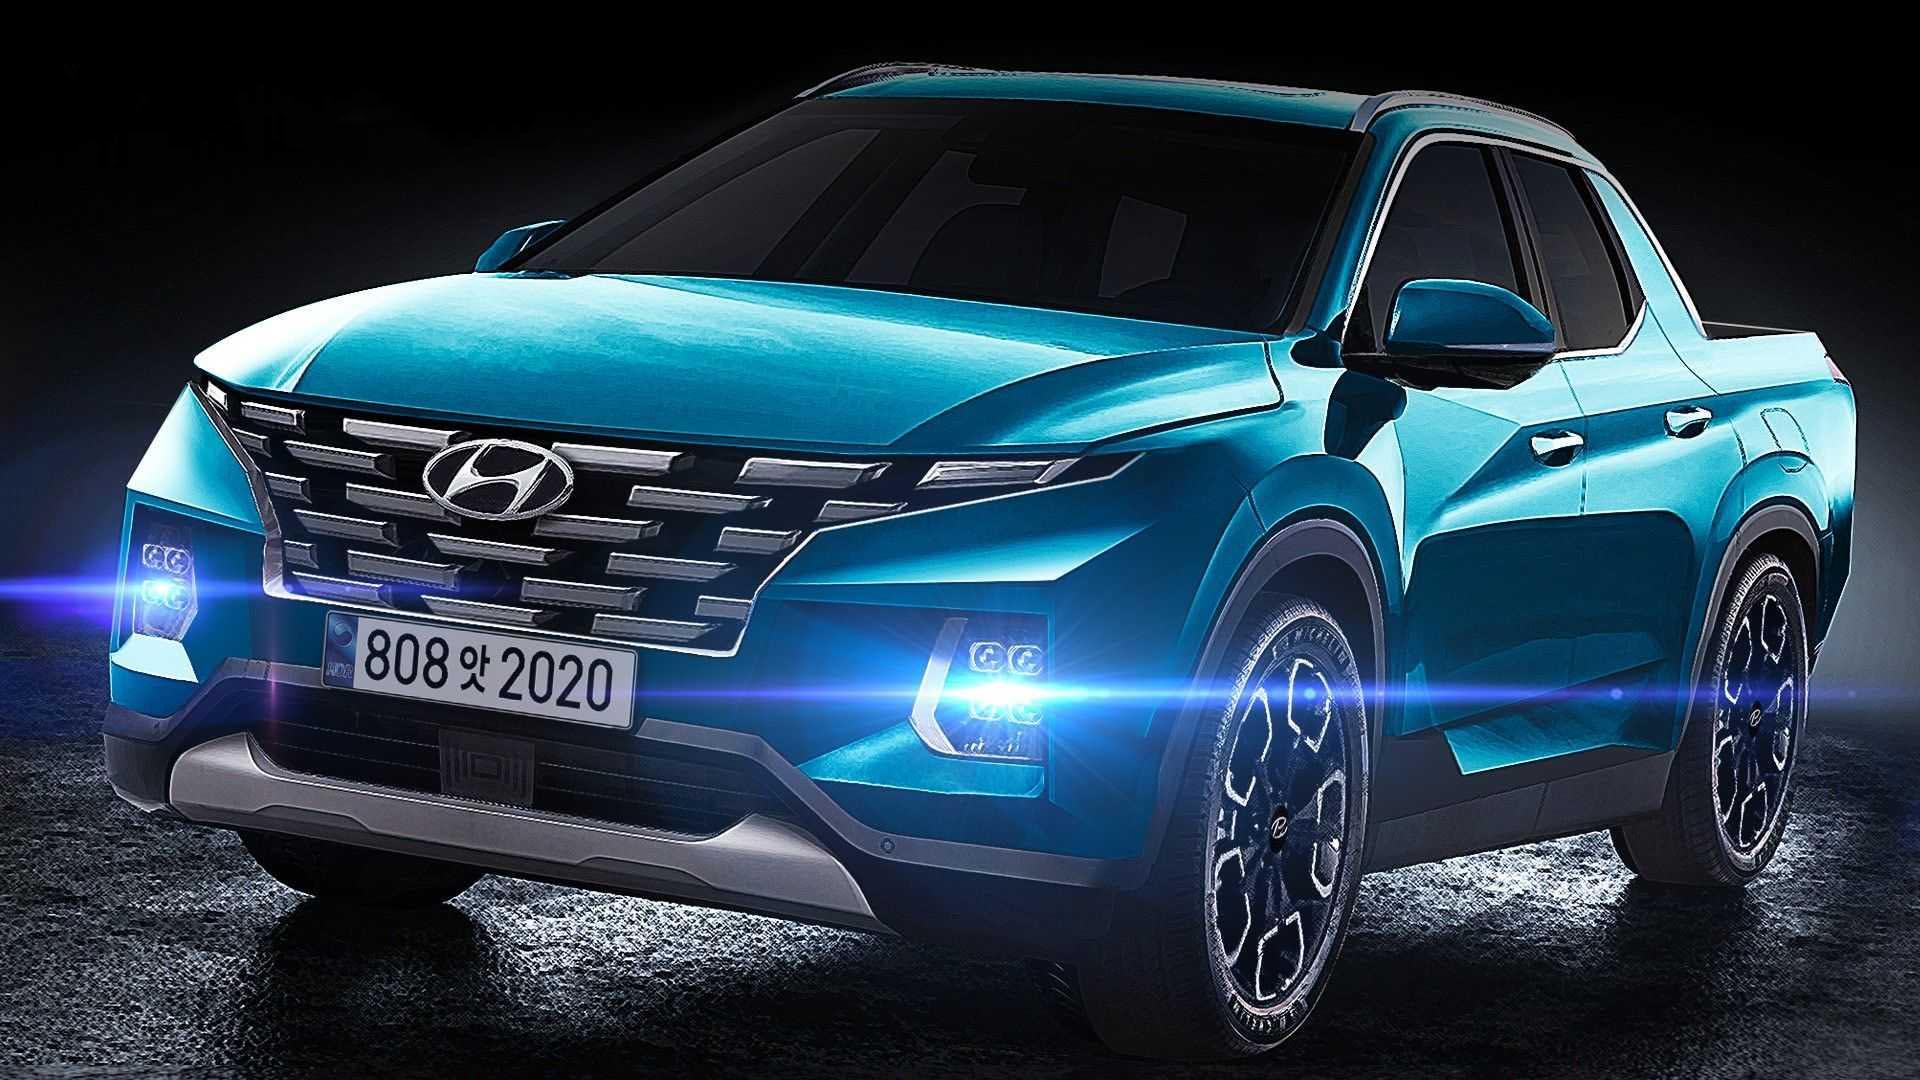 2022 Hyundai Santa Cruz Pickup Truck Rendering